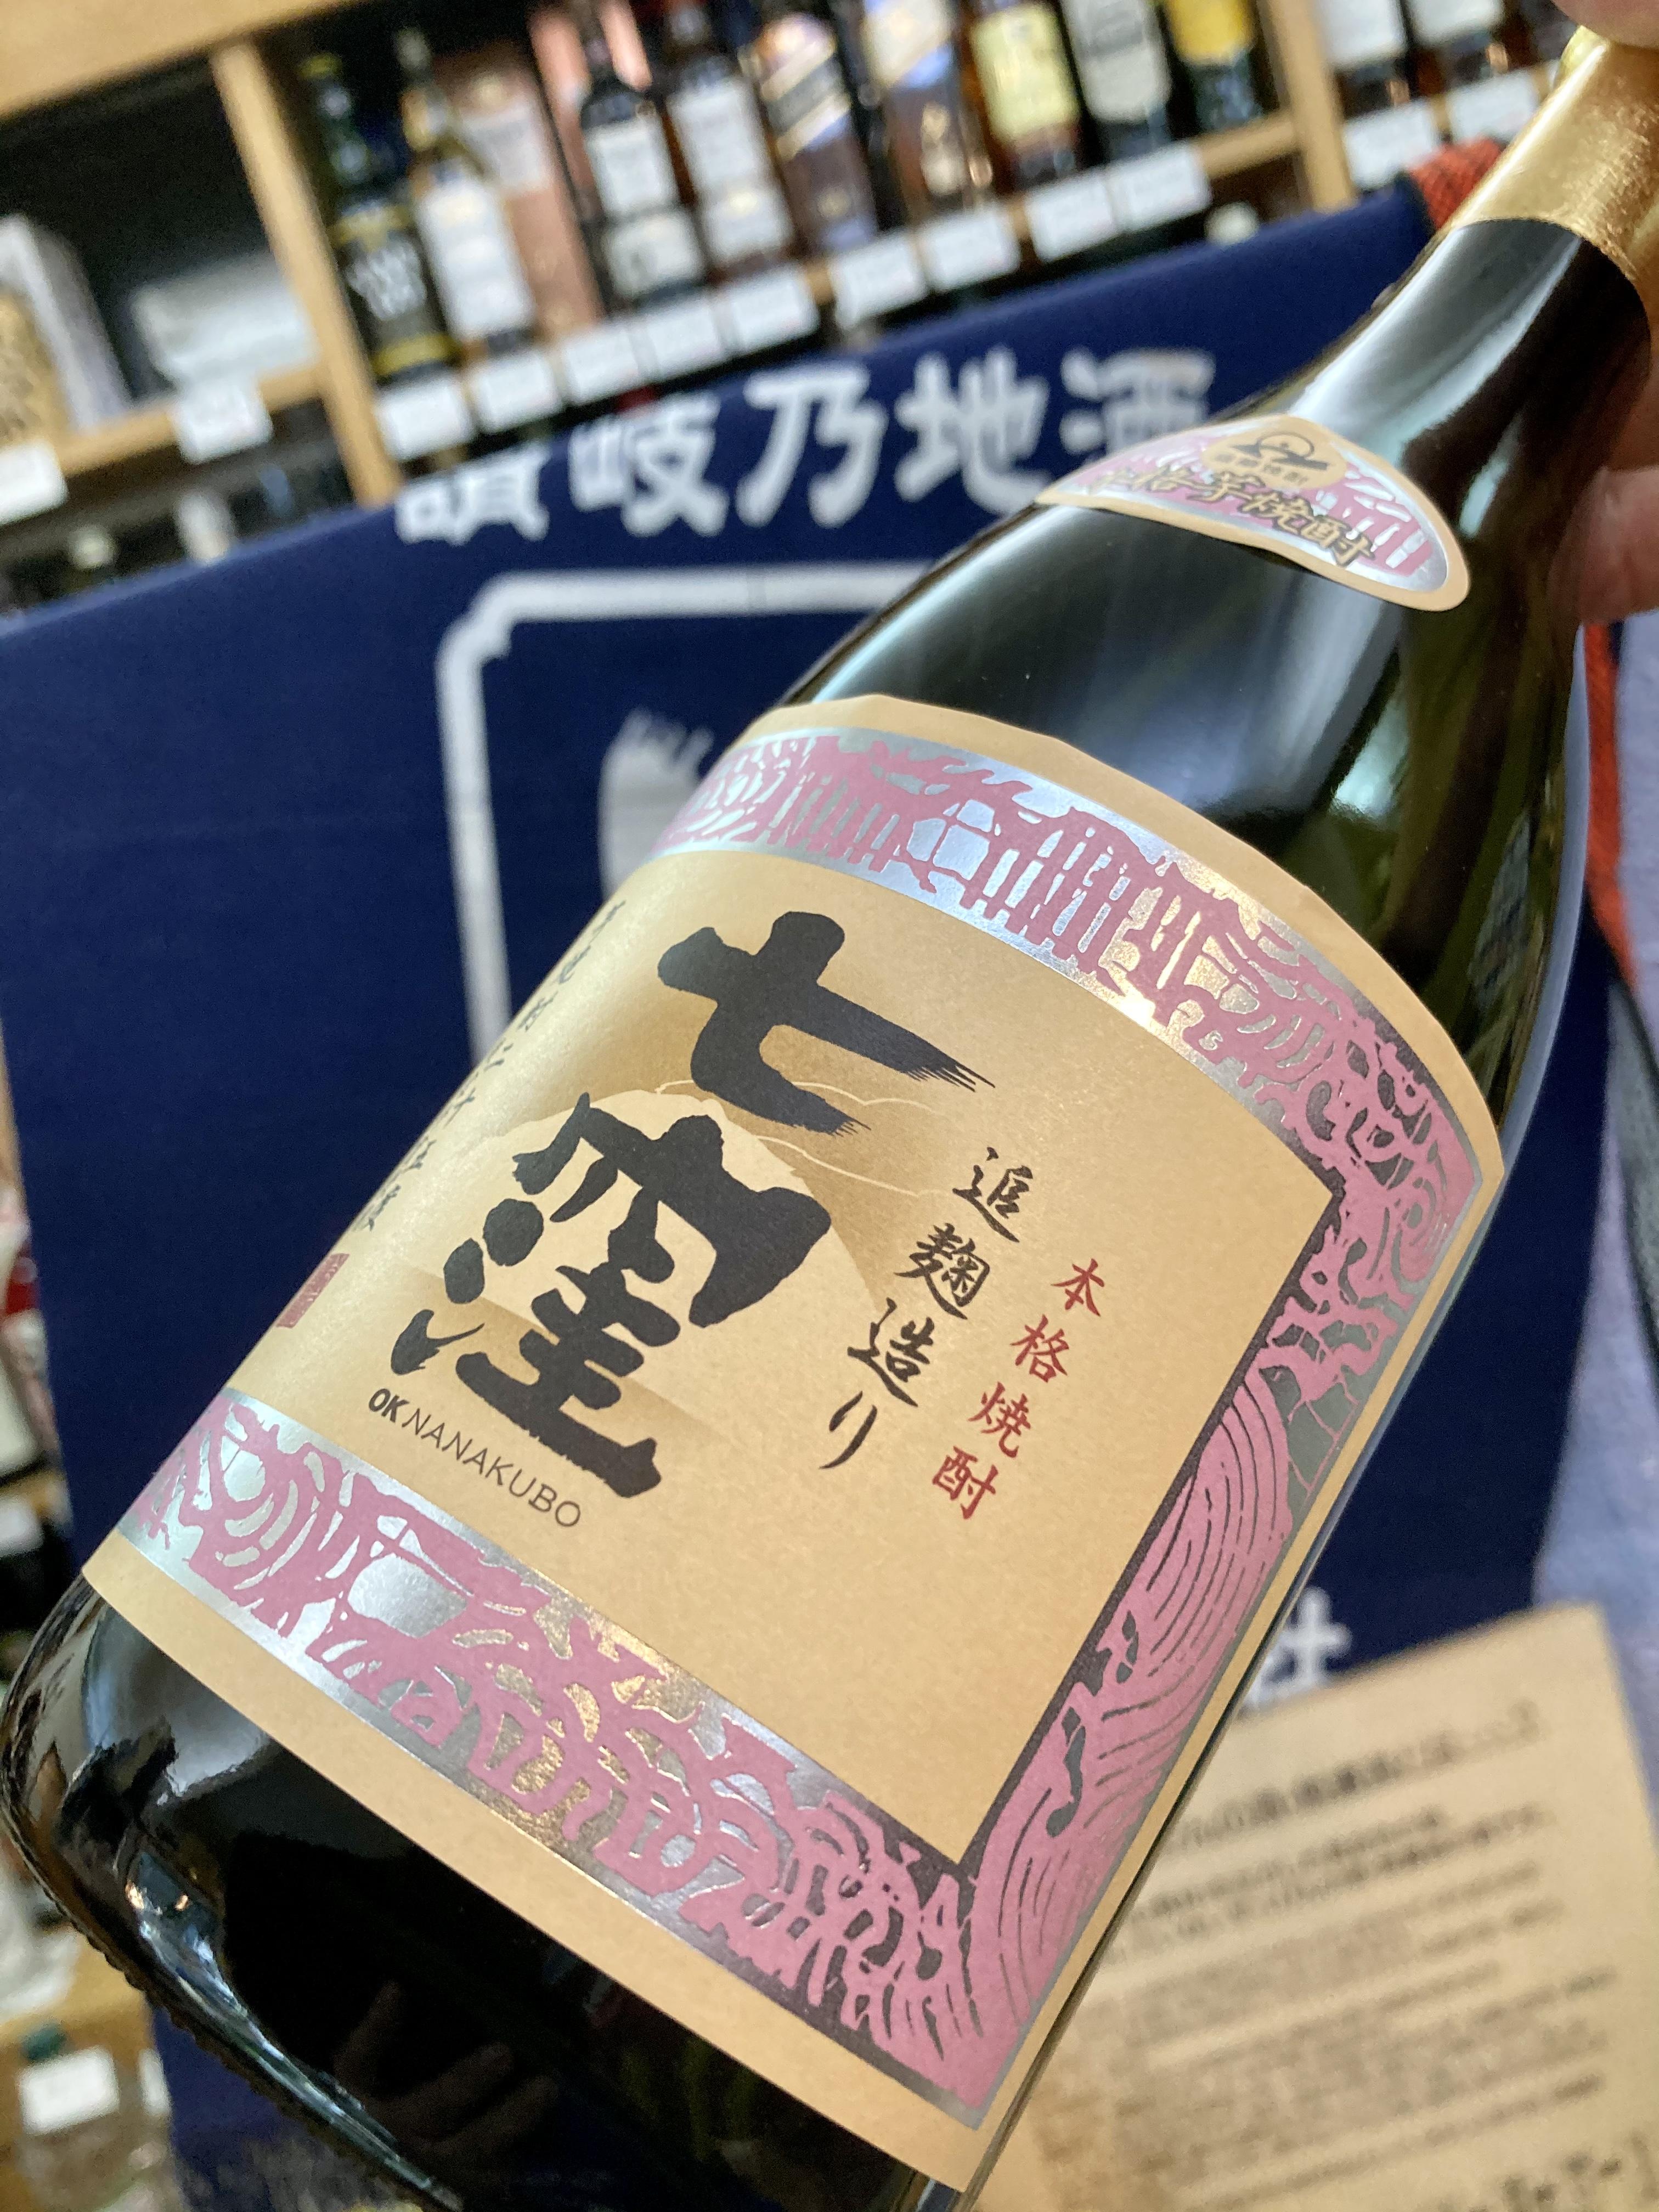 魔王を超える焼酎「七窪」から、数量限定販売の芋焼酎☆ 『OK七窪』